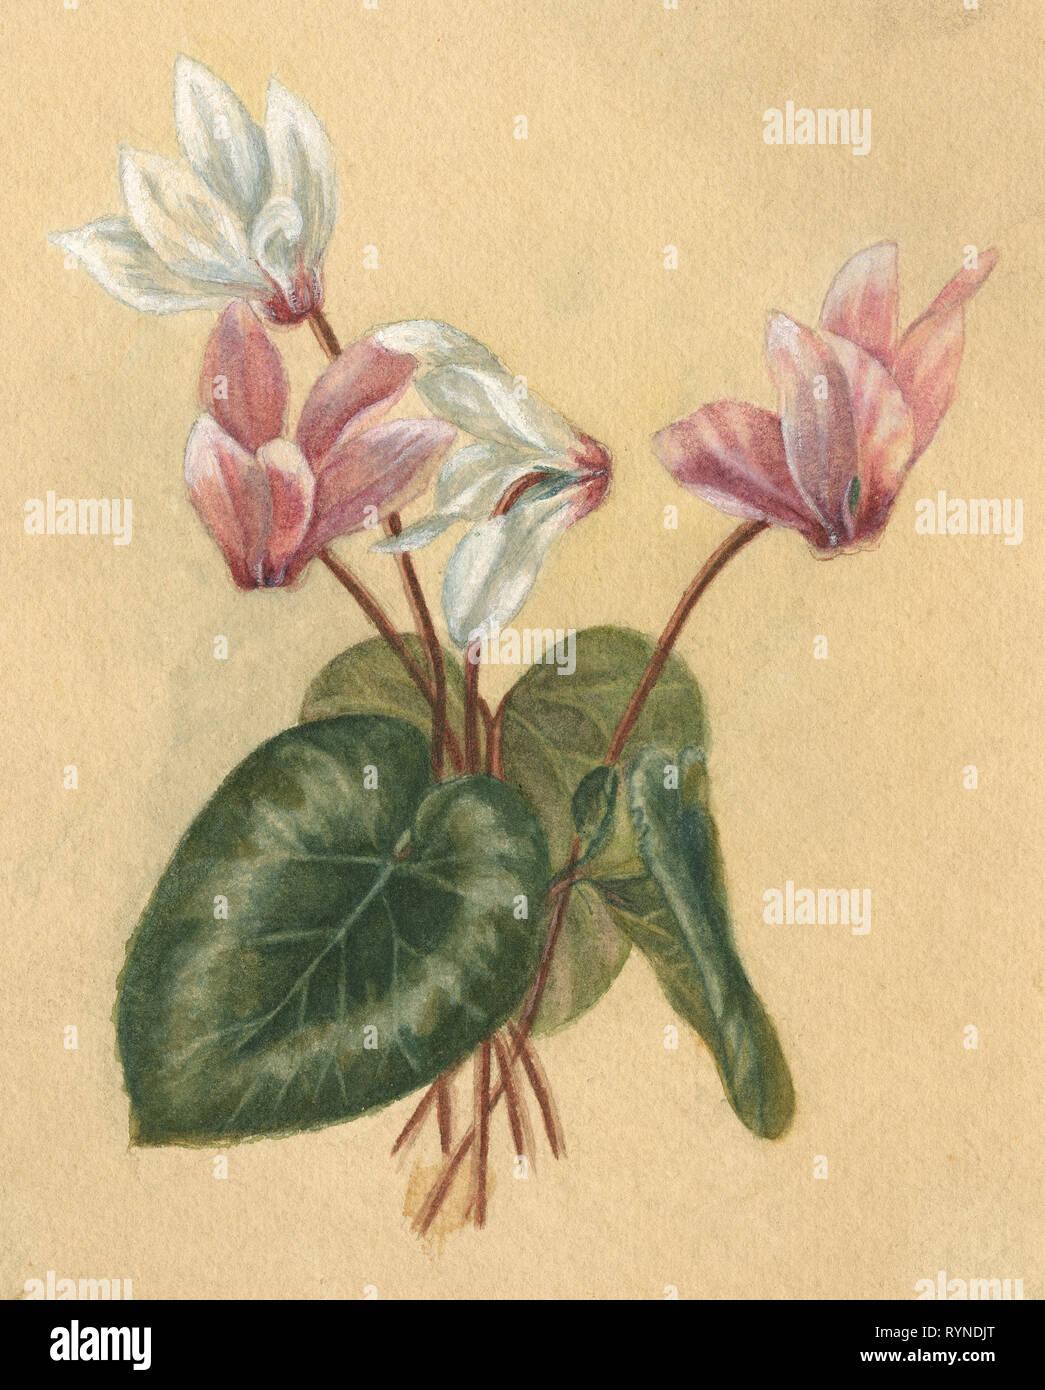 Antique c1890 la pittura ad acquerello di ciclamino (Famiglia Primulaceae) di fiori e foglie. Fonte: Dipinto originale Immagini Stock